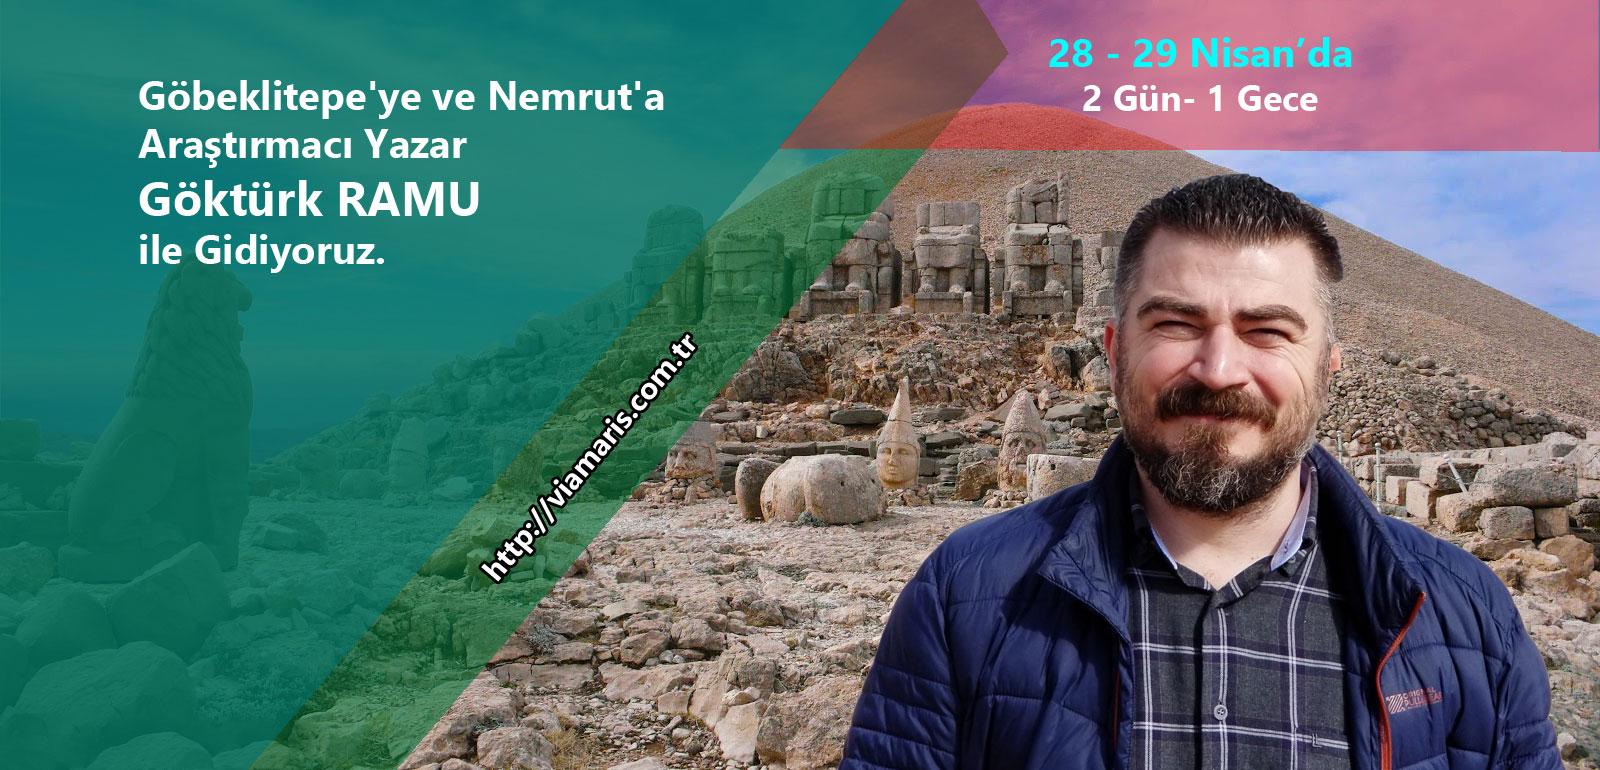 Göbeklitepe'ye ve Nemrut'a GÖKTÜRK RAMU ile Gidiyoruz.